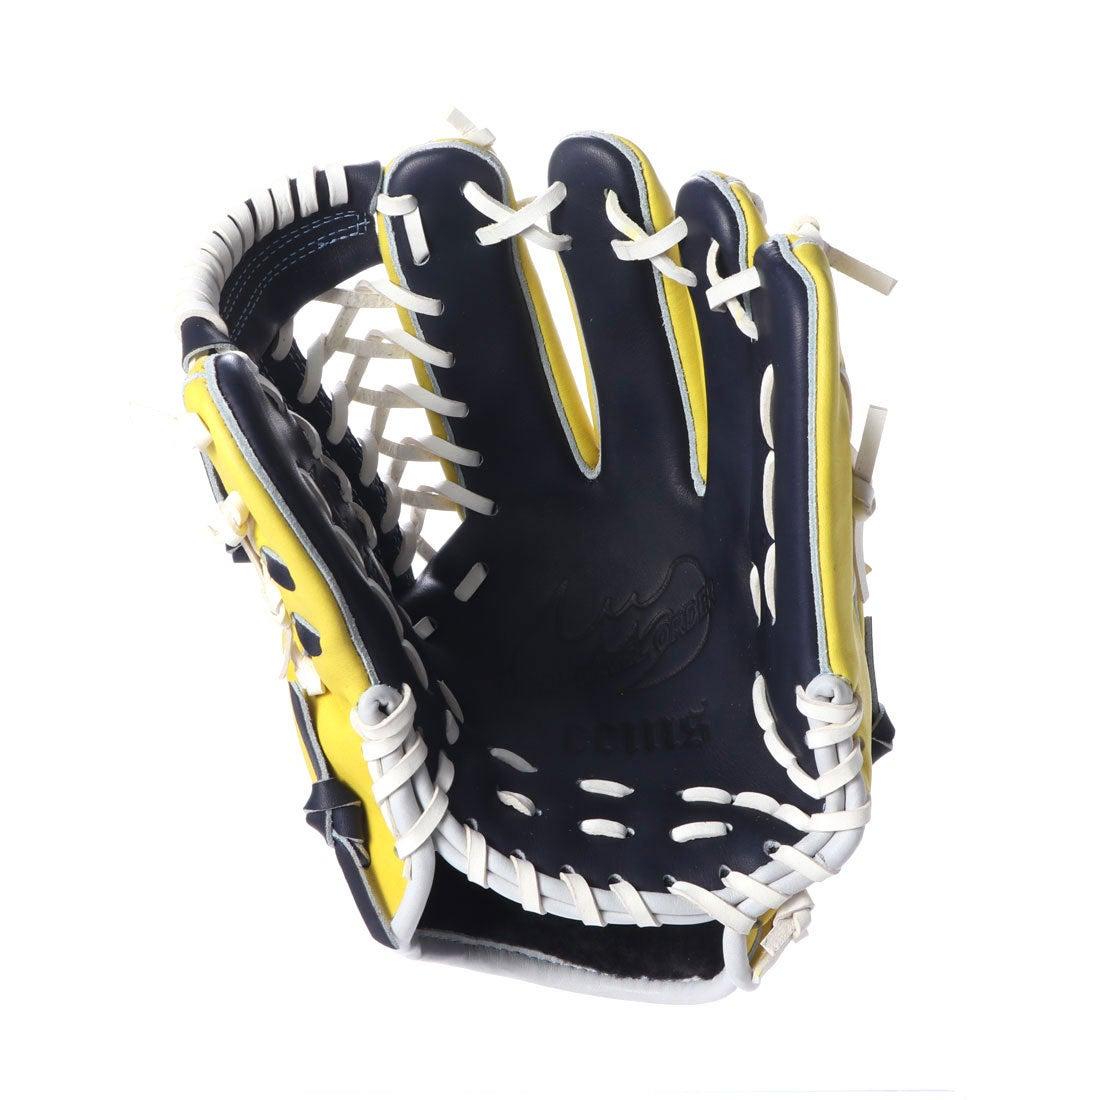 一般 野手用 グラブ 兼 ZEEMS 軟式 右投げ用 三方親 (AS-427DB) ジームス 軟式野球 内野手用 グローブ ソフト